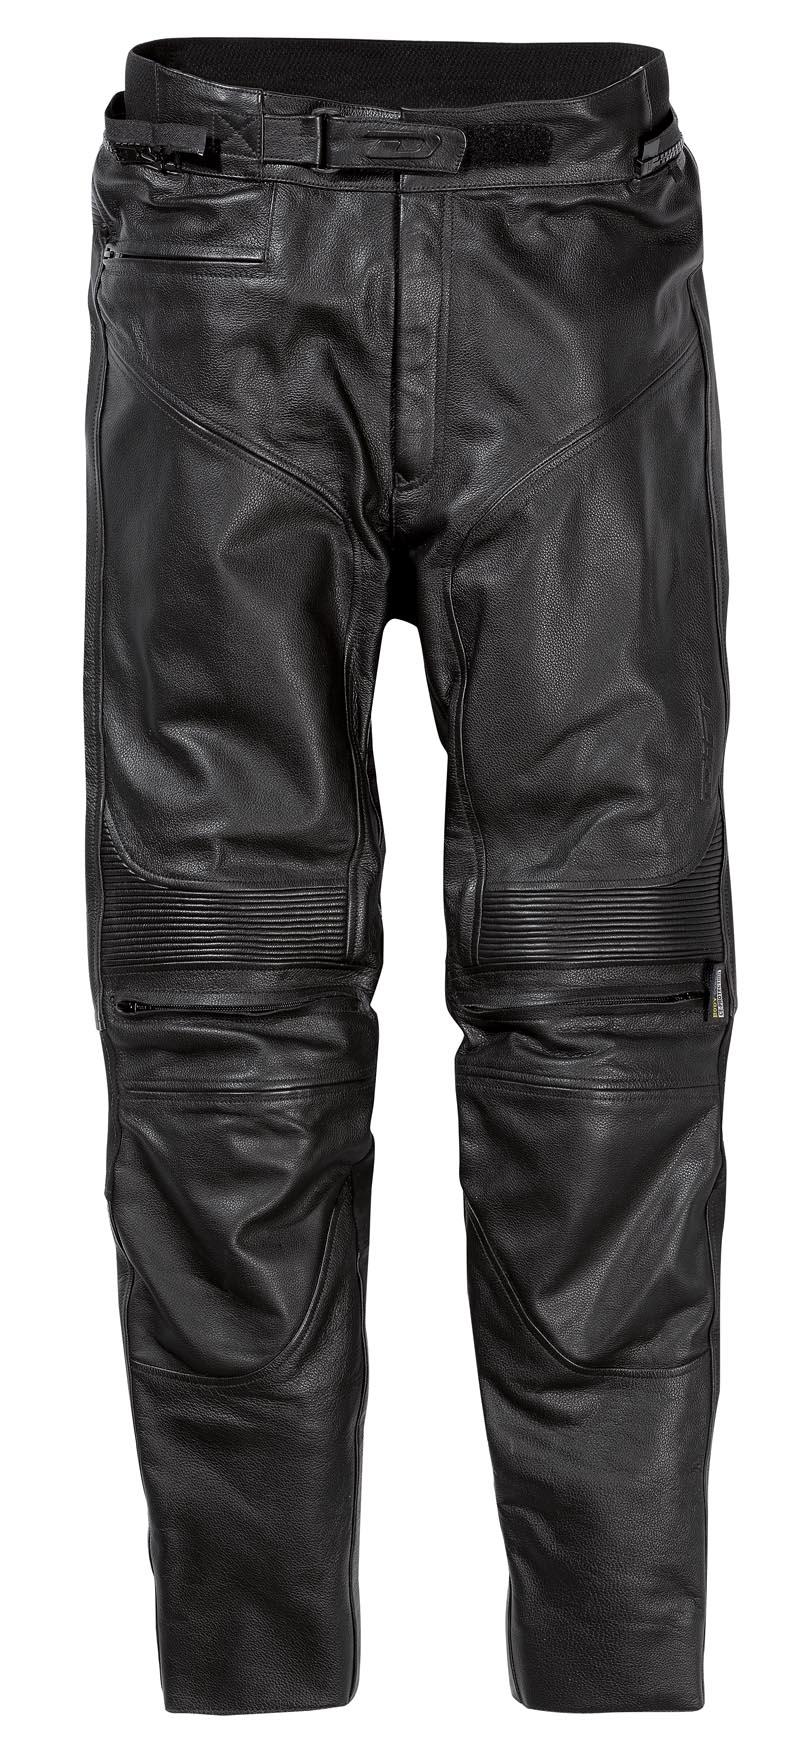 Pantalon Blake noir - Difi motobigstore